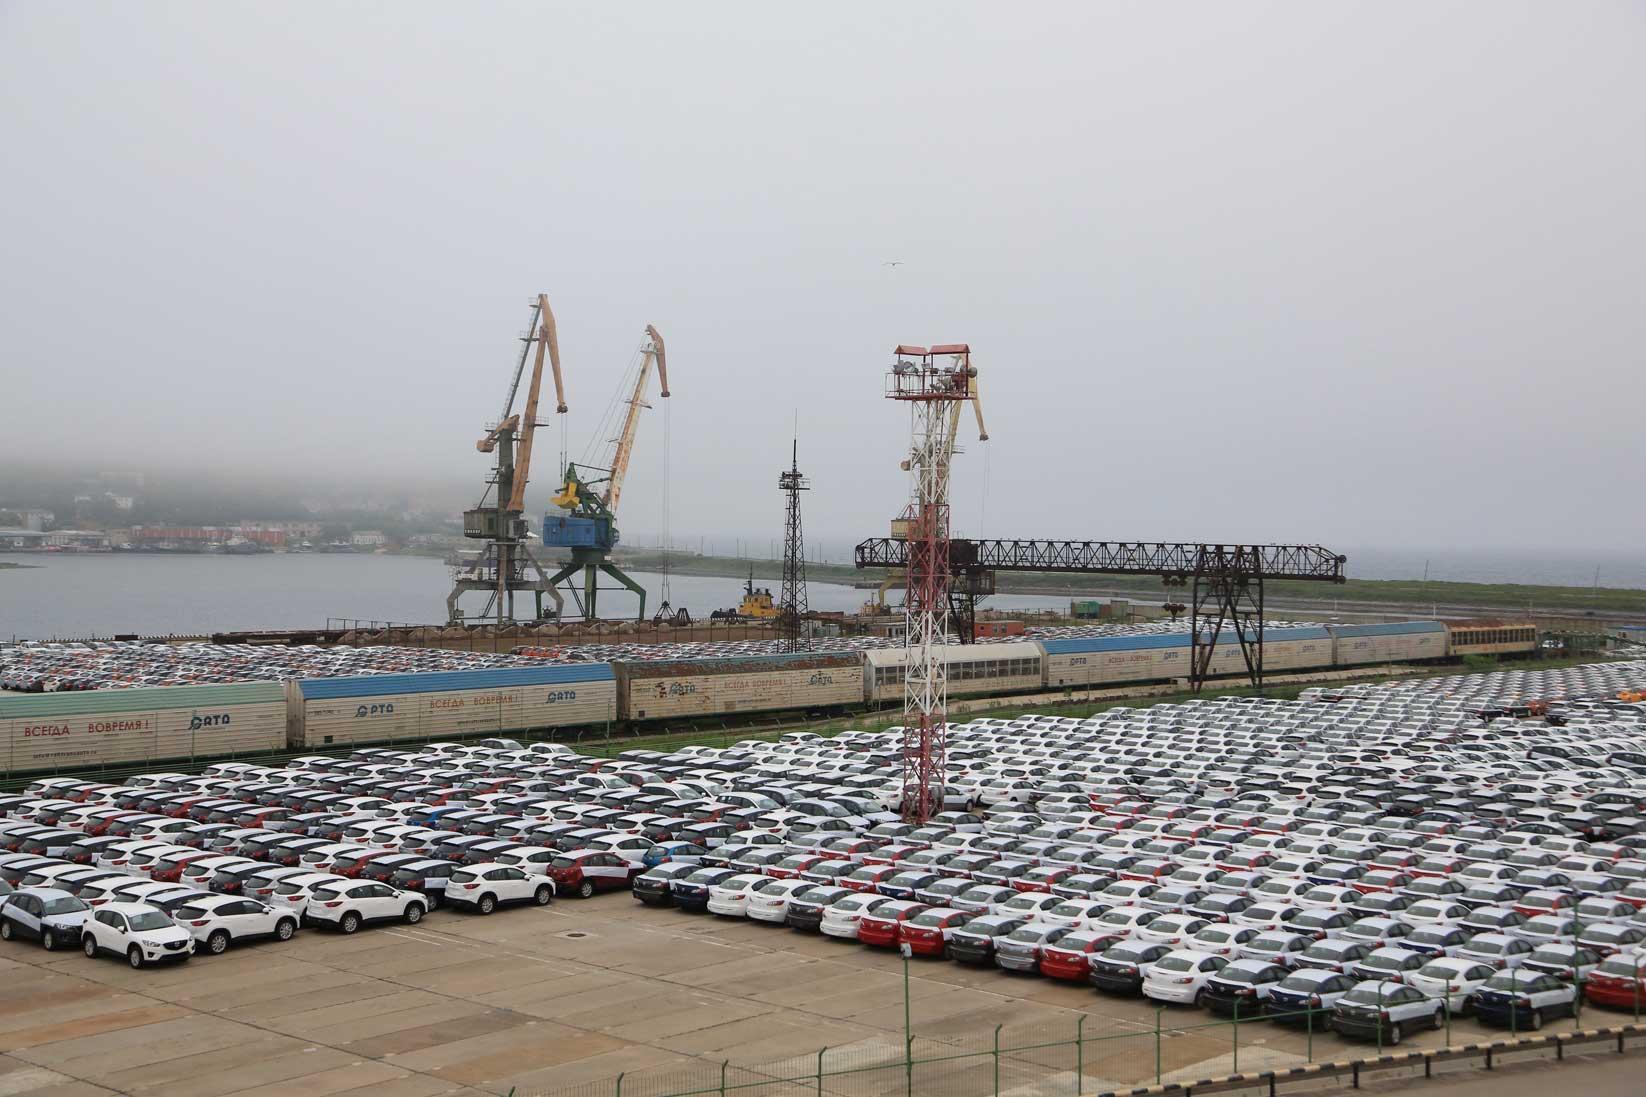 極東ロシアの田舎町をドライブする~数千台の日本車積替と渤海の港_b0235153_10311136.jpg